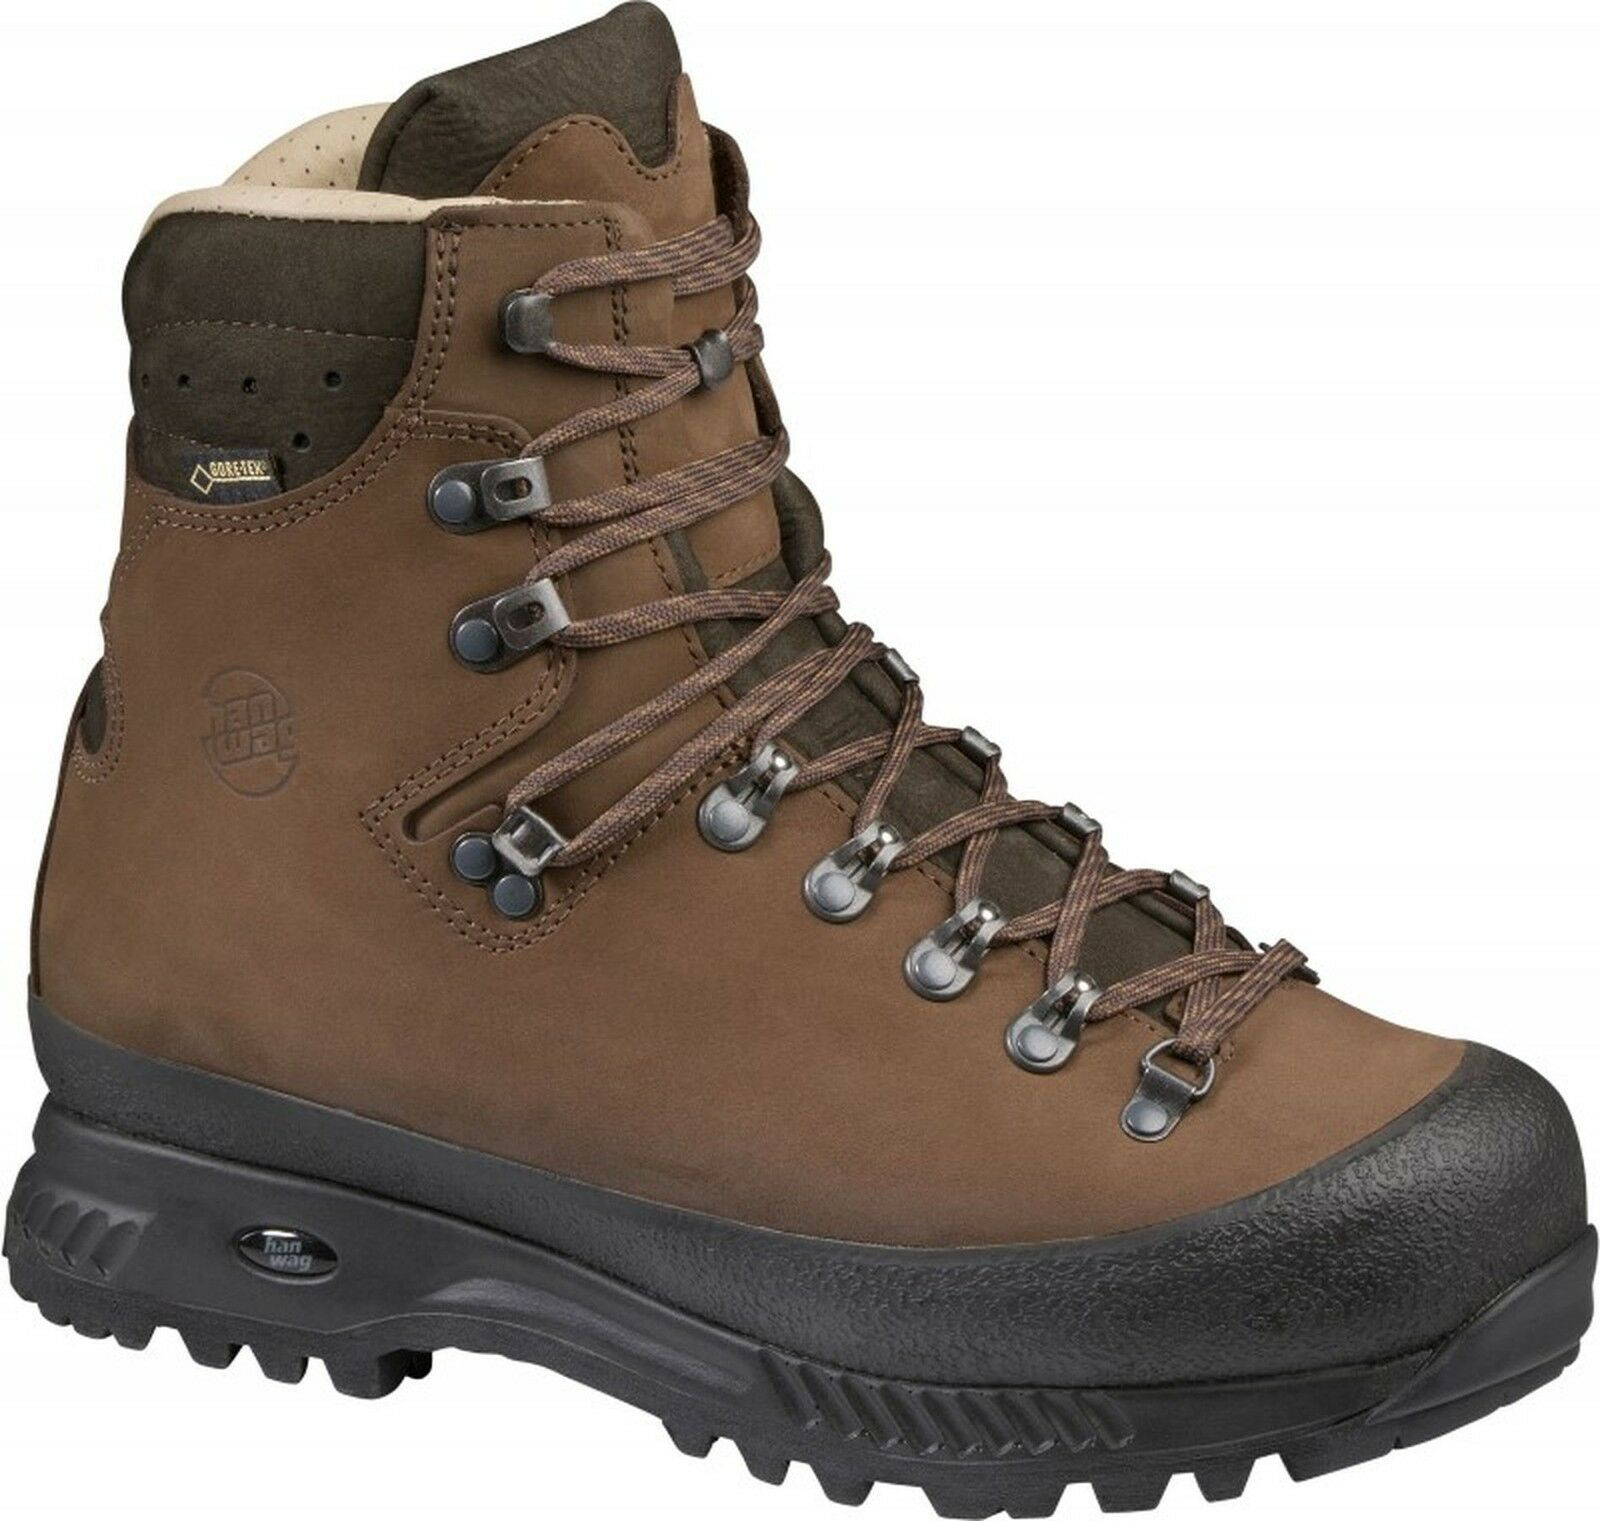 Hanwag botas de Trekking Alaska Wide GTX más Amplio Hacer  Tamaño 14-49,5 Tierra  n ° 1 en línea